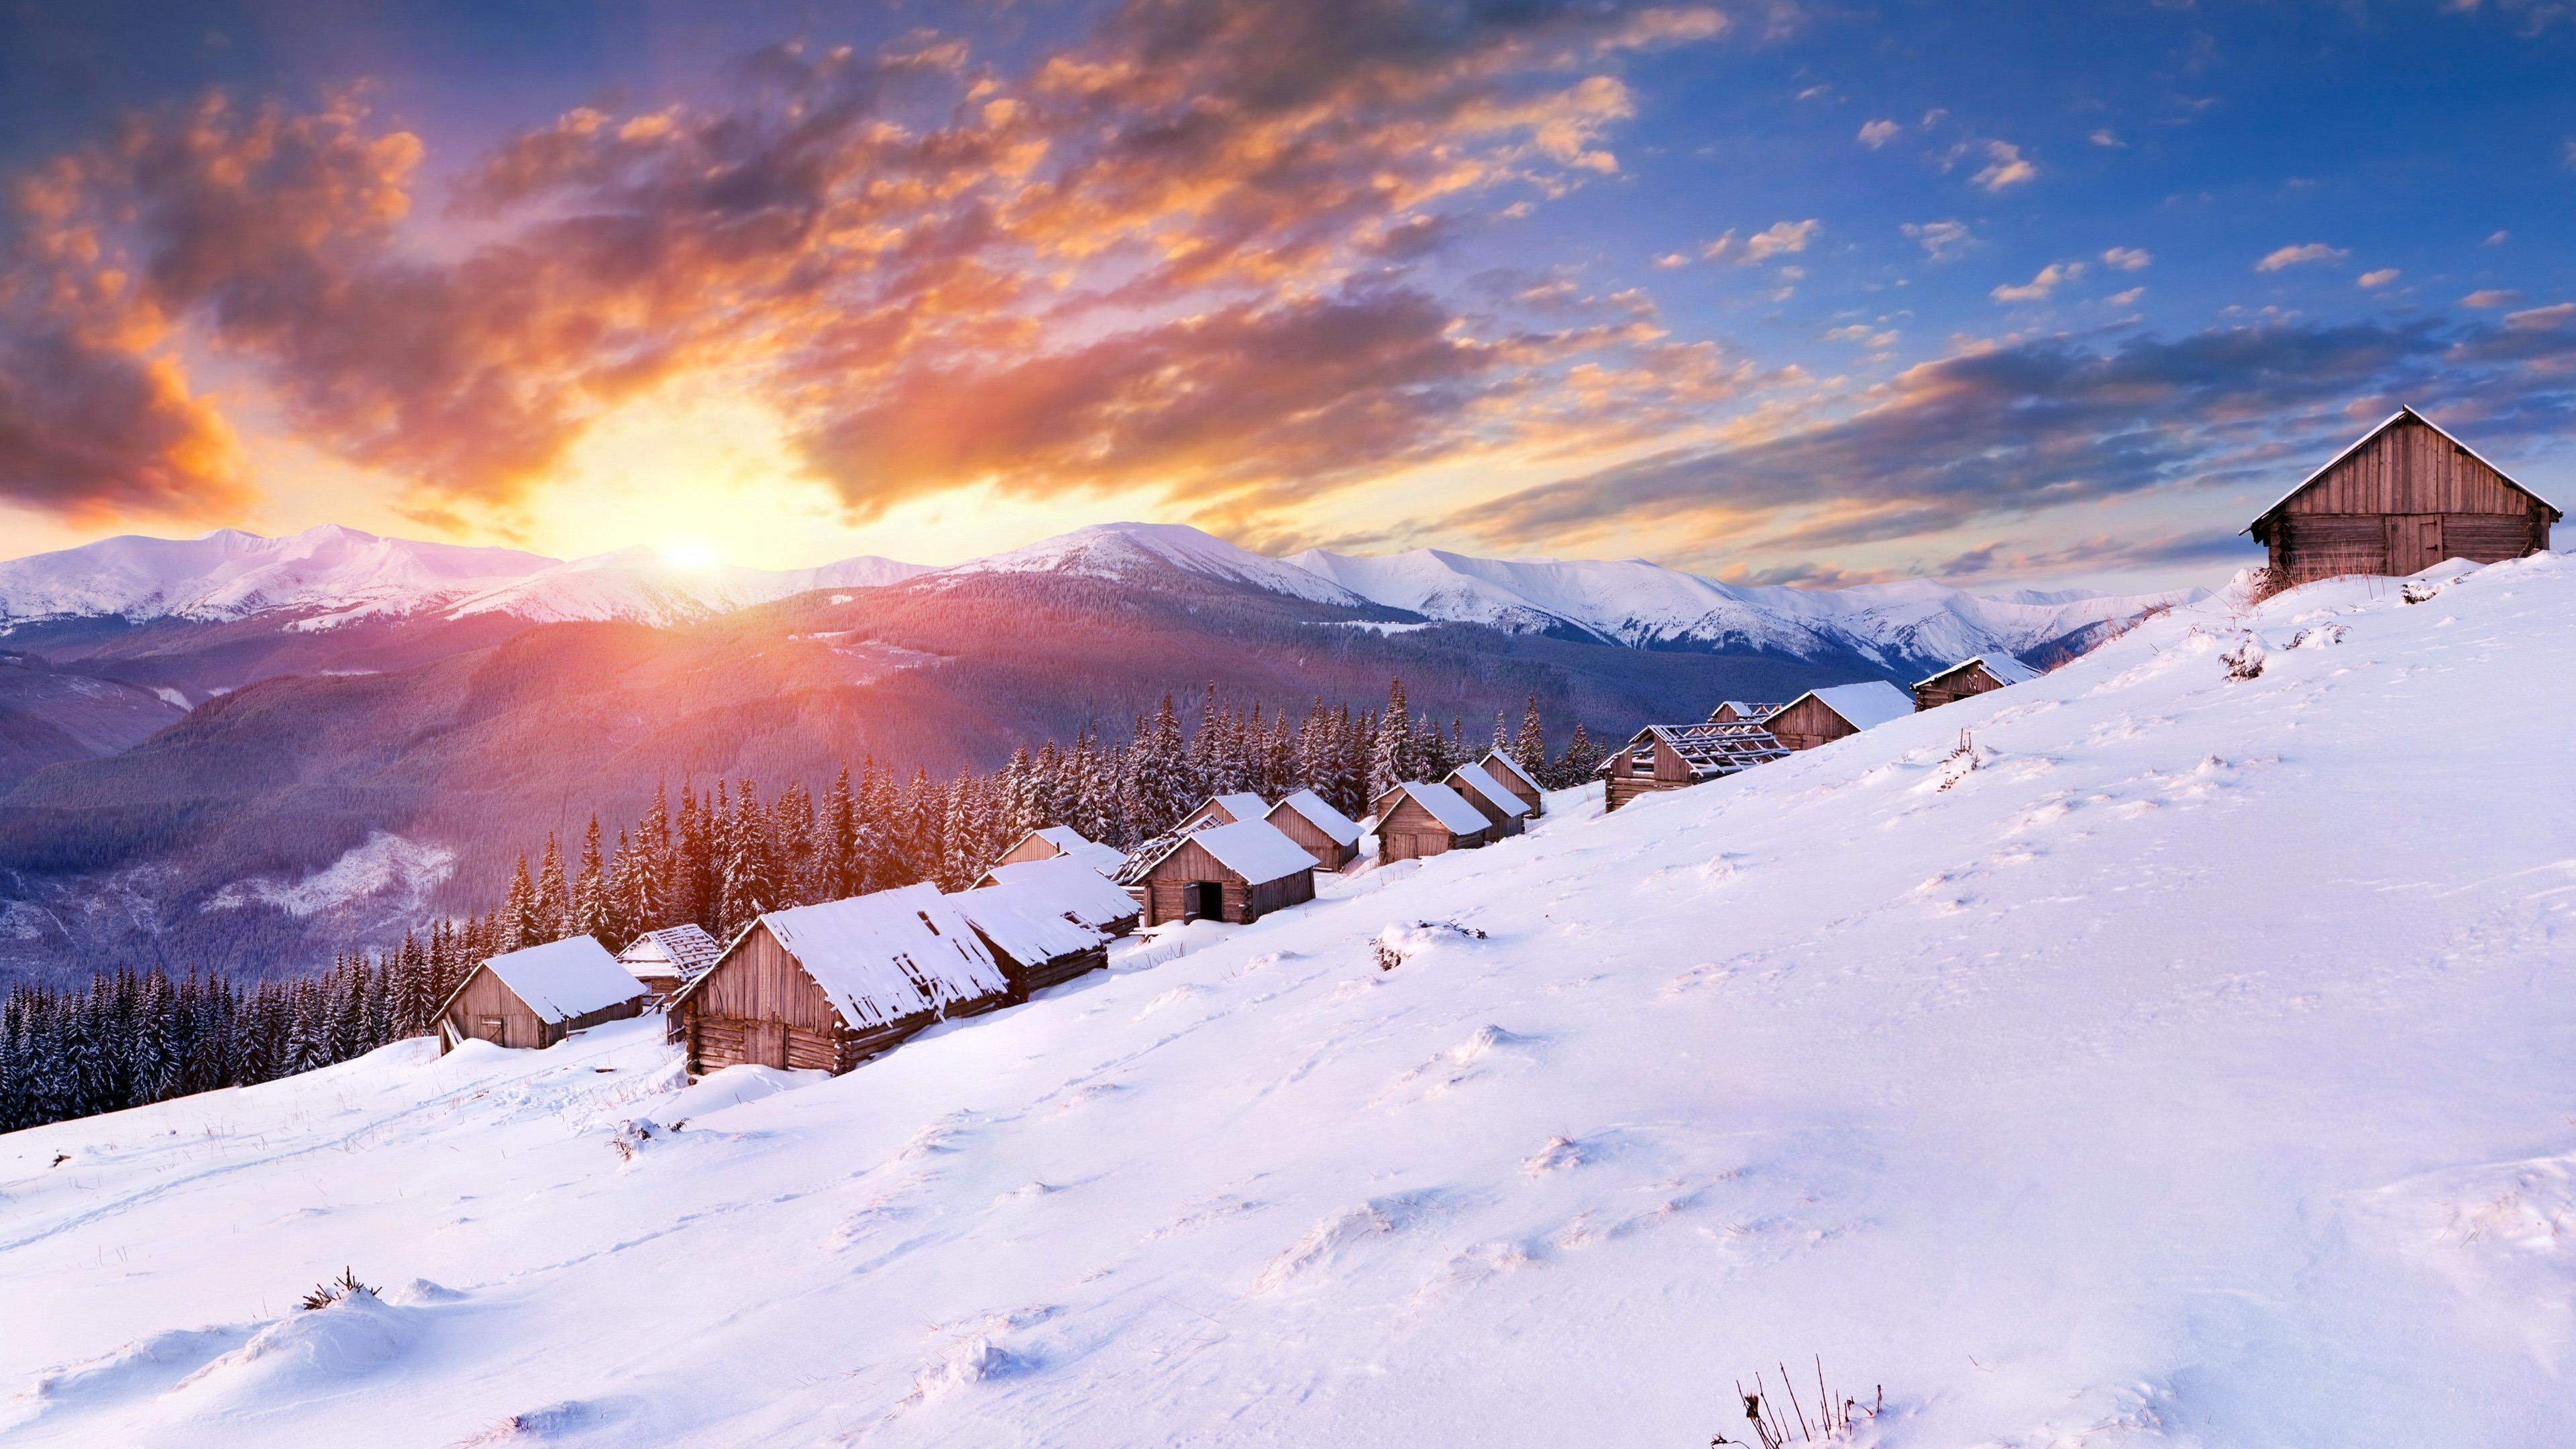 冬天,雪山,木房子,日落,景观预览 10wallpaper Com